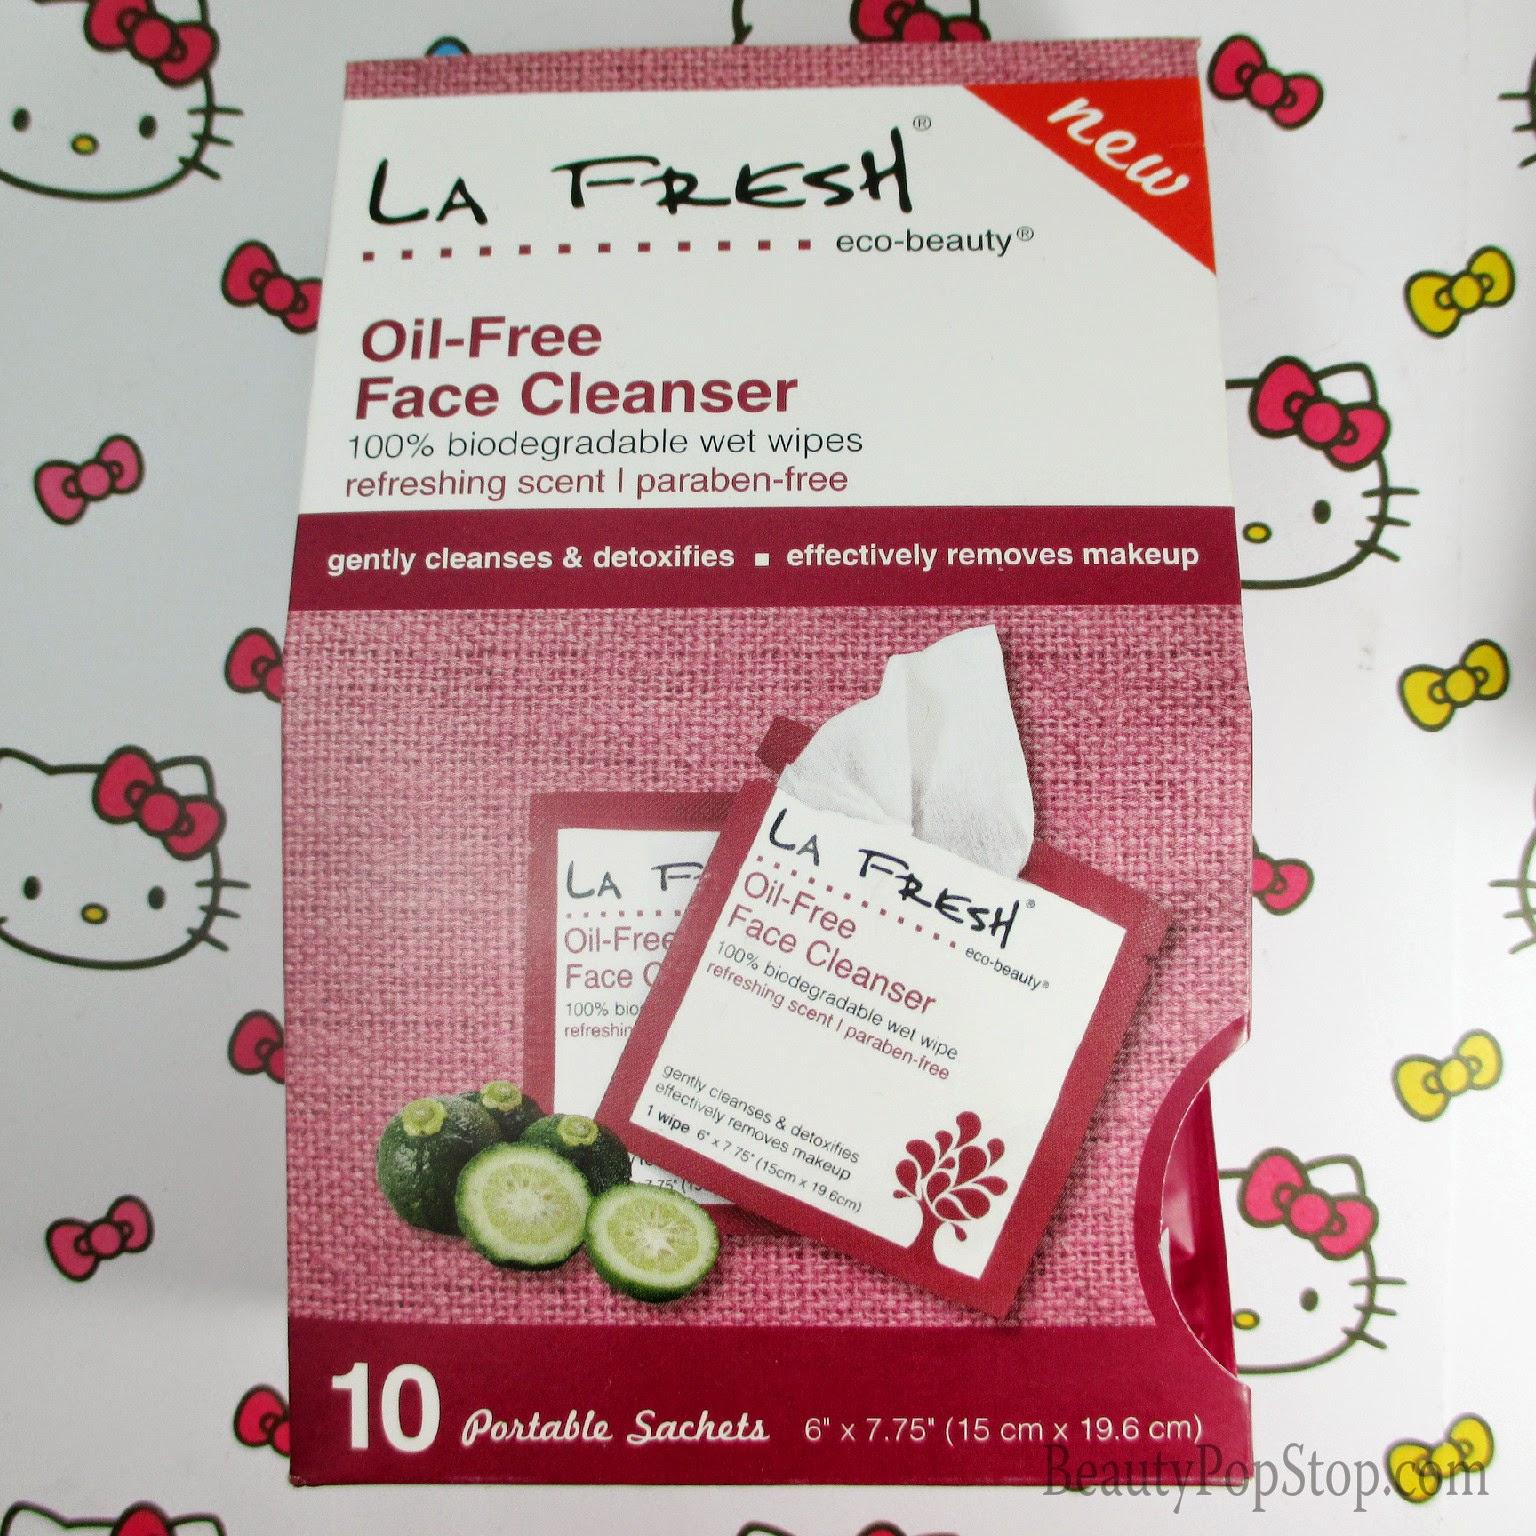 LA Fresh oil-free face cleanser cloths review